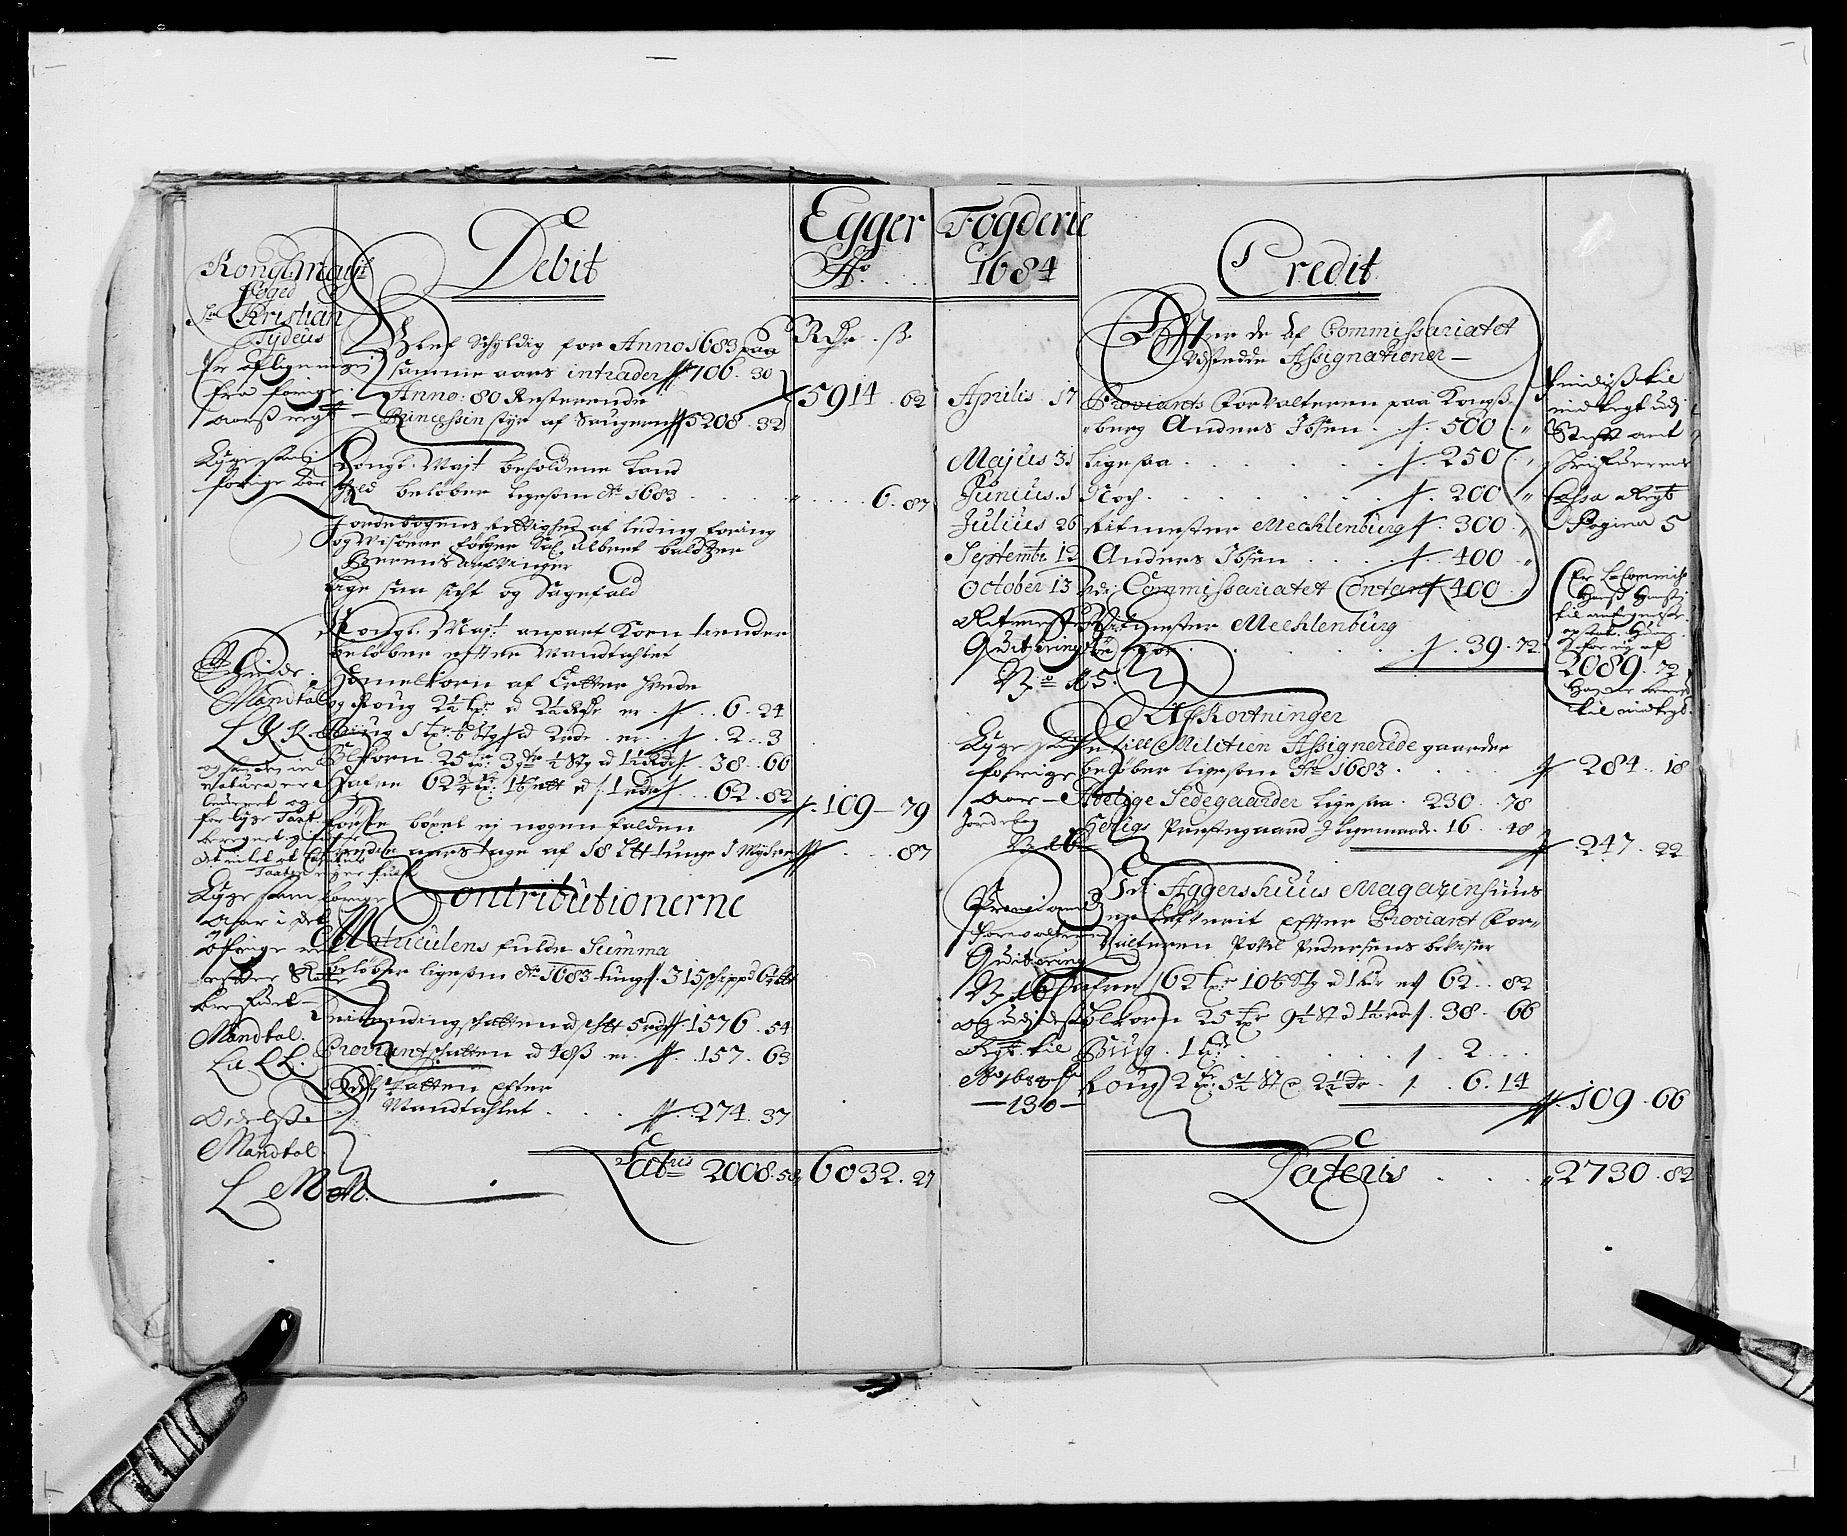 RA, Rentekammeret inntil 1814, Reviderte regnskaper, Fogderegnskap, R26/L1684: Fogderegnskap Eiker, 1679-1686, s. 21